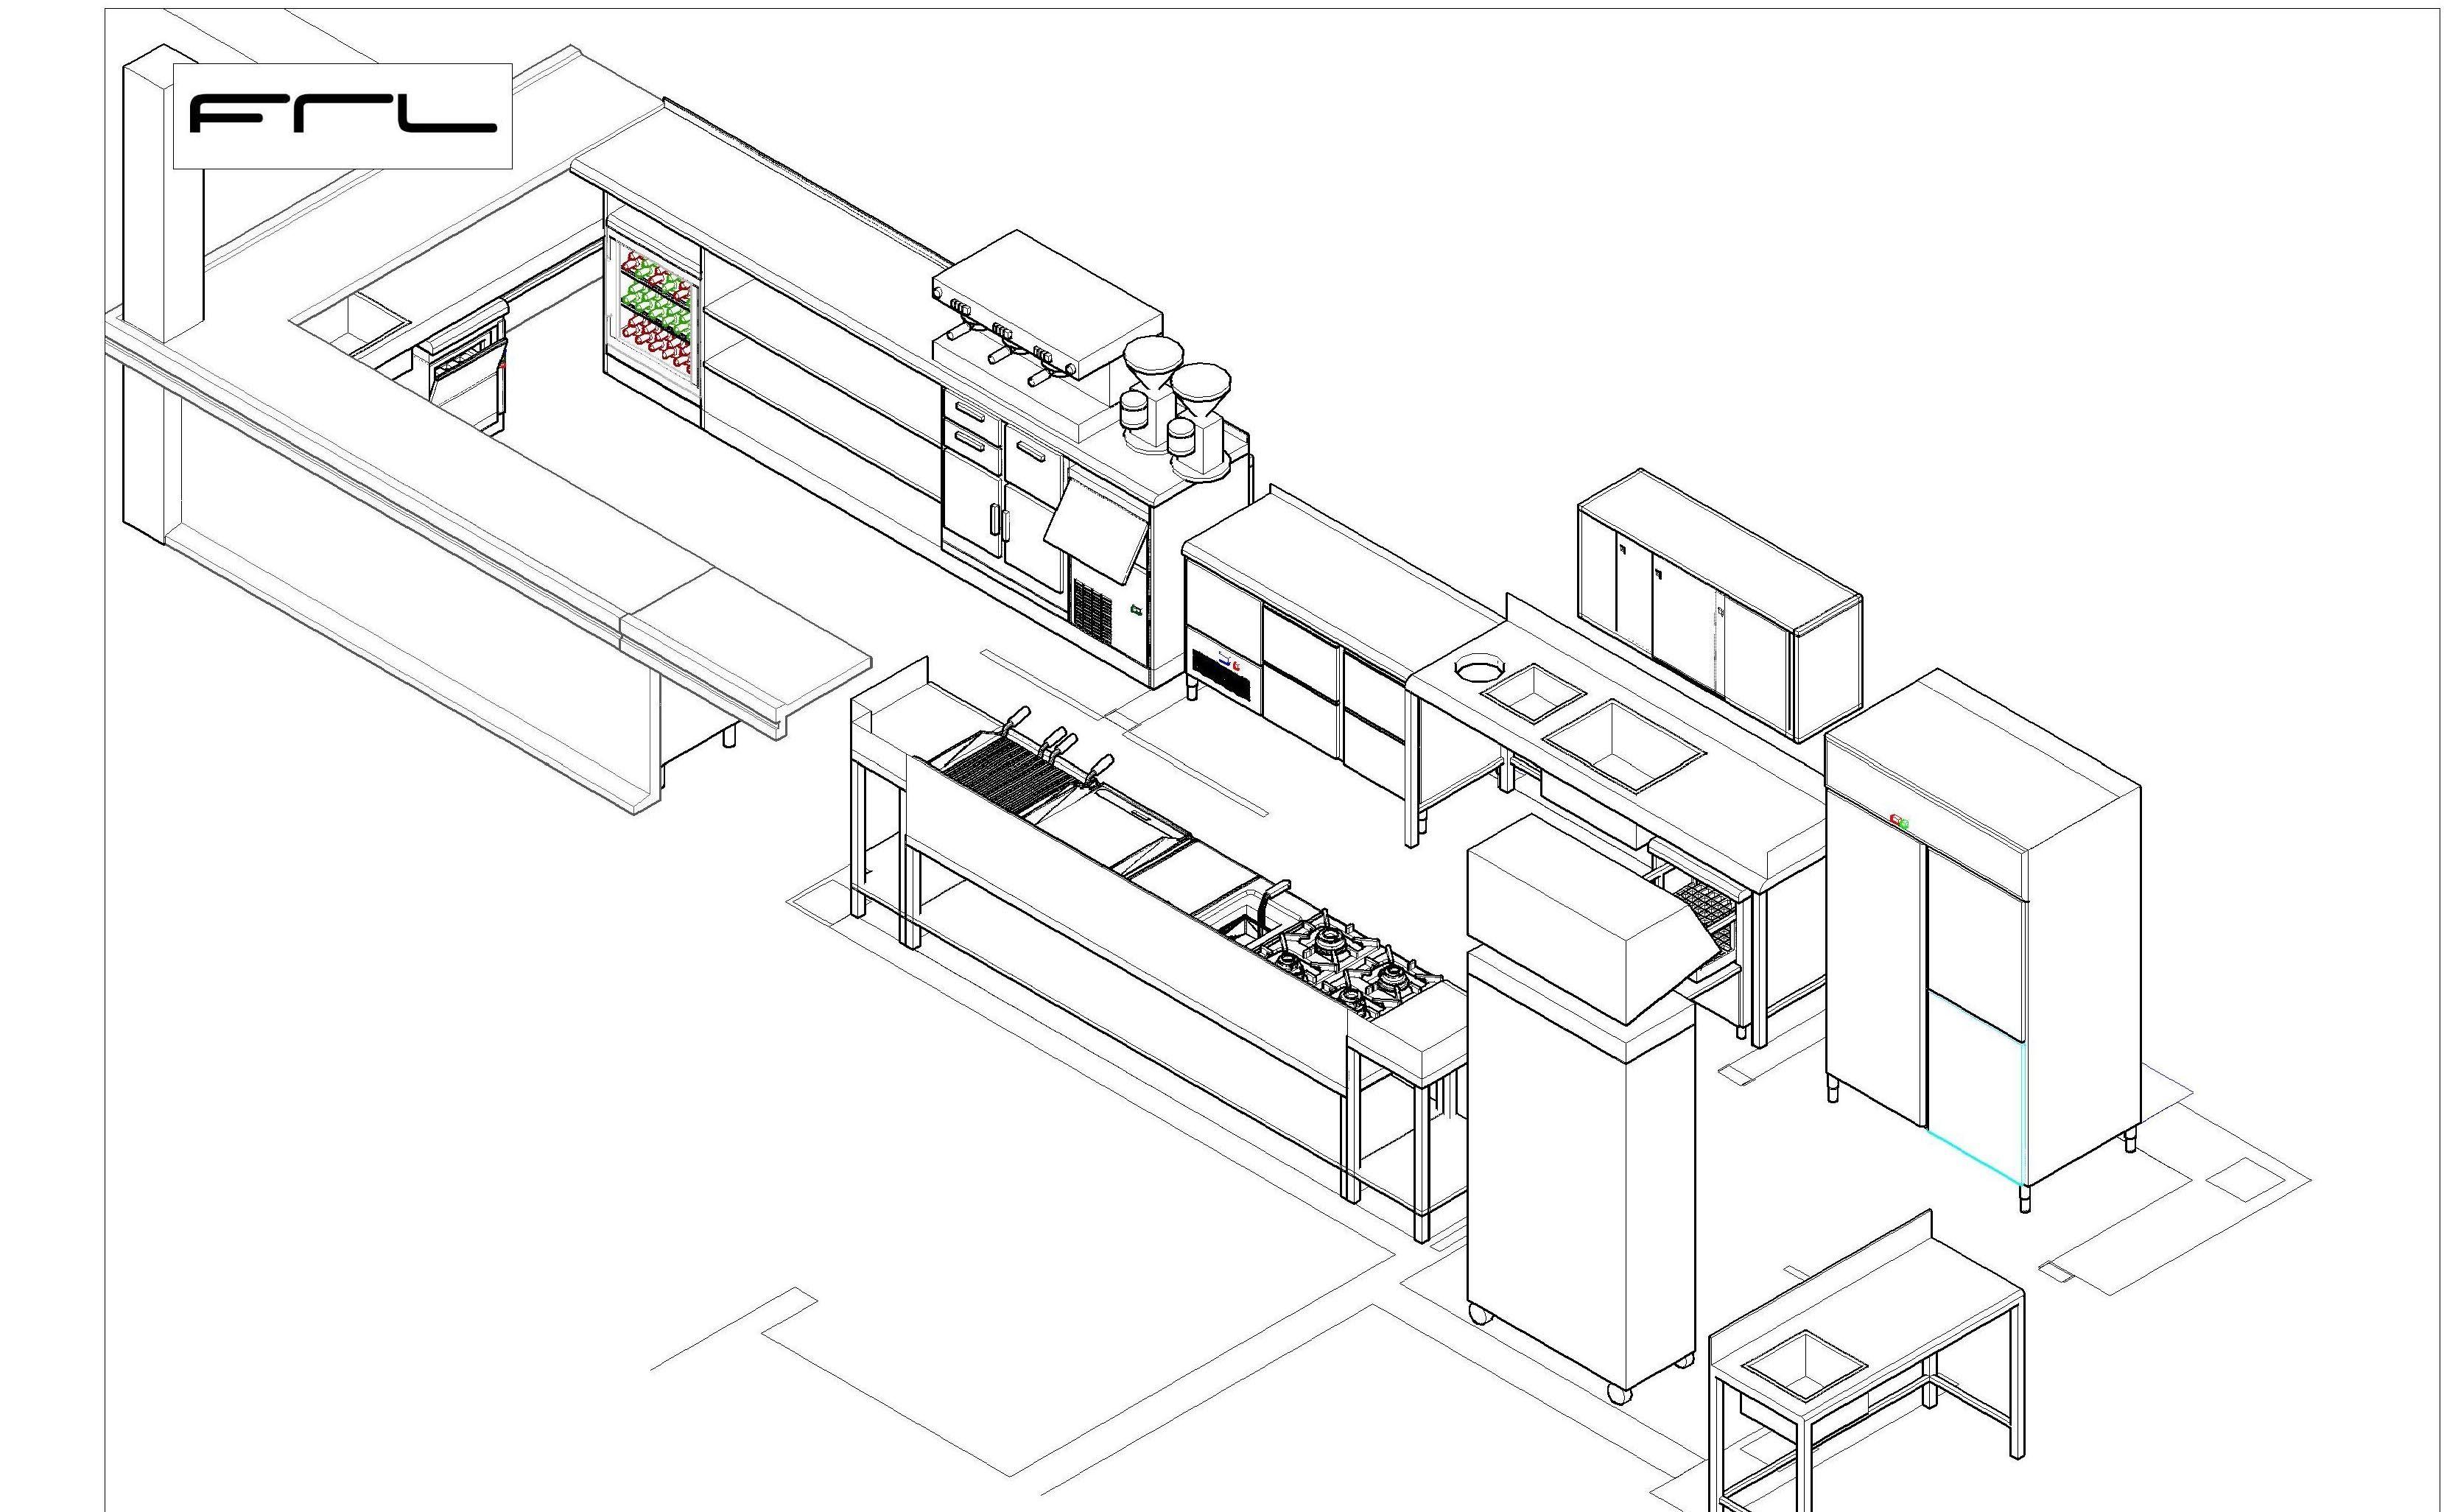 Dise amos tu espacio de trabajo cat logo de frl for Planos de cocina industrial